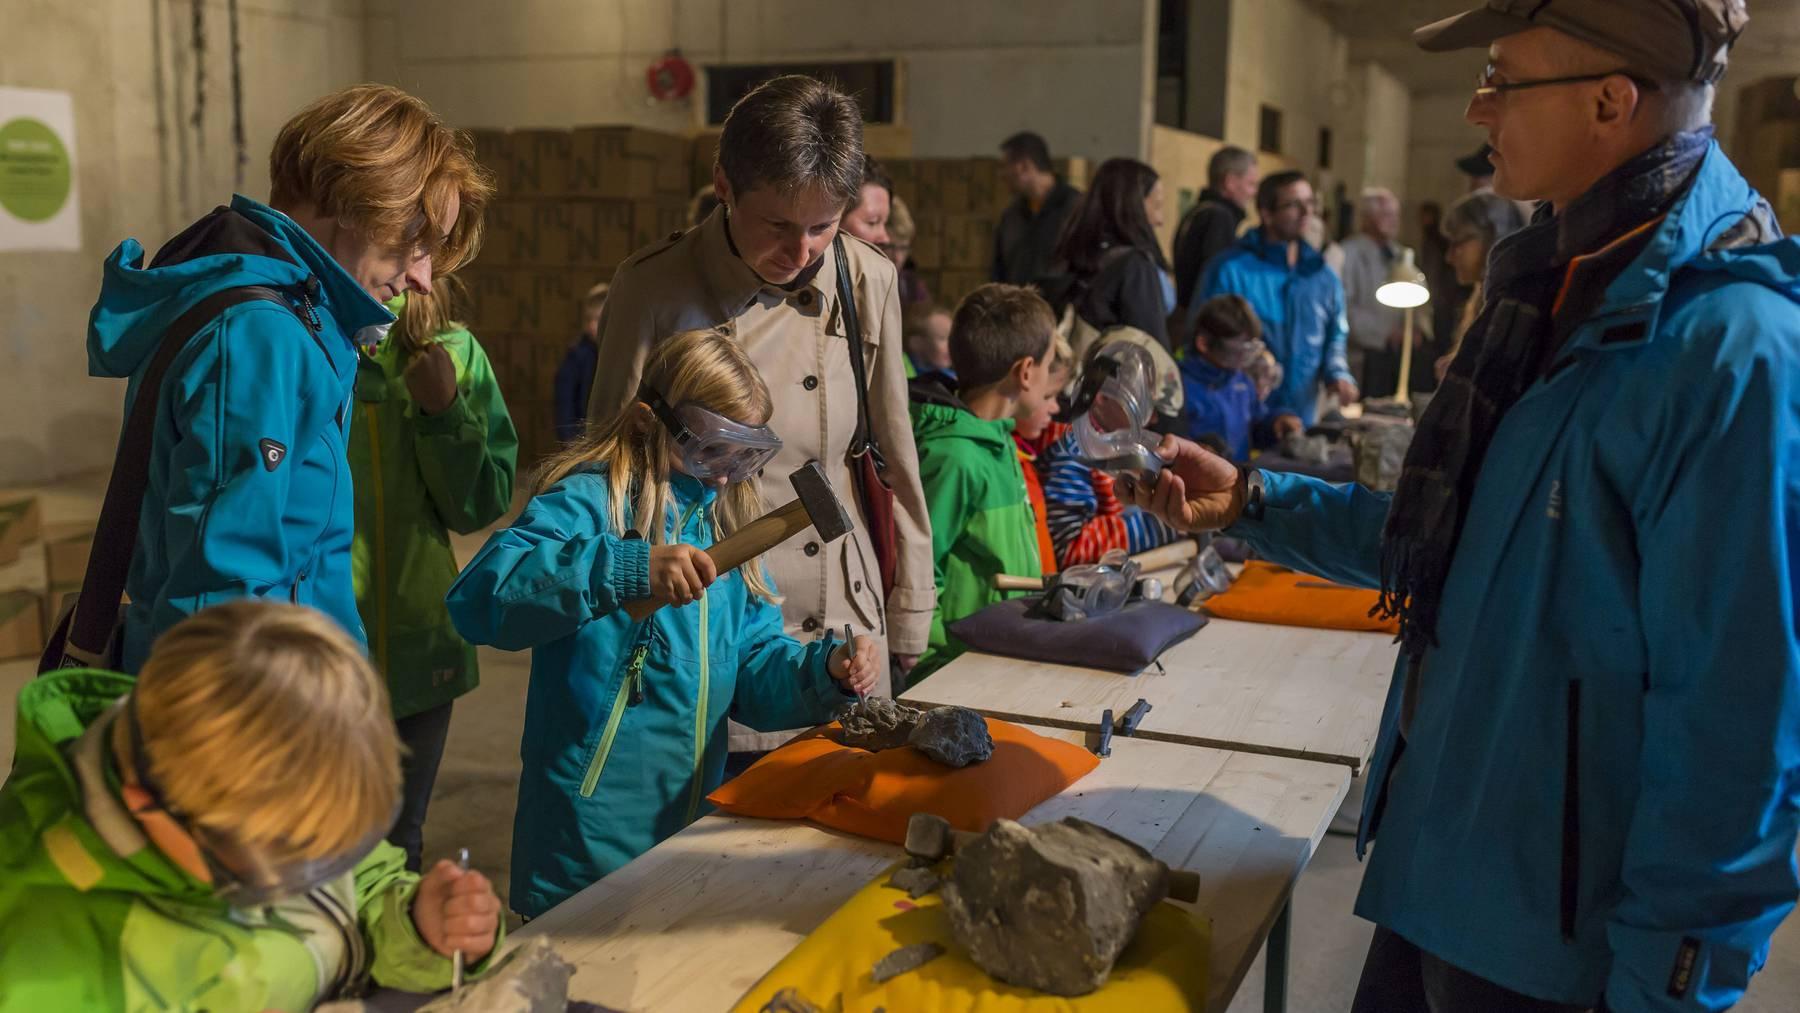 Viele Familien nutzten das breite und vielfältige Angebot für Kinder und genossen gemeinsam das nächtliche Spektakel.